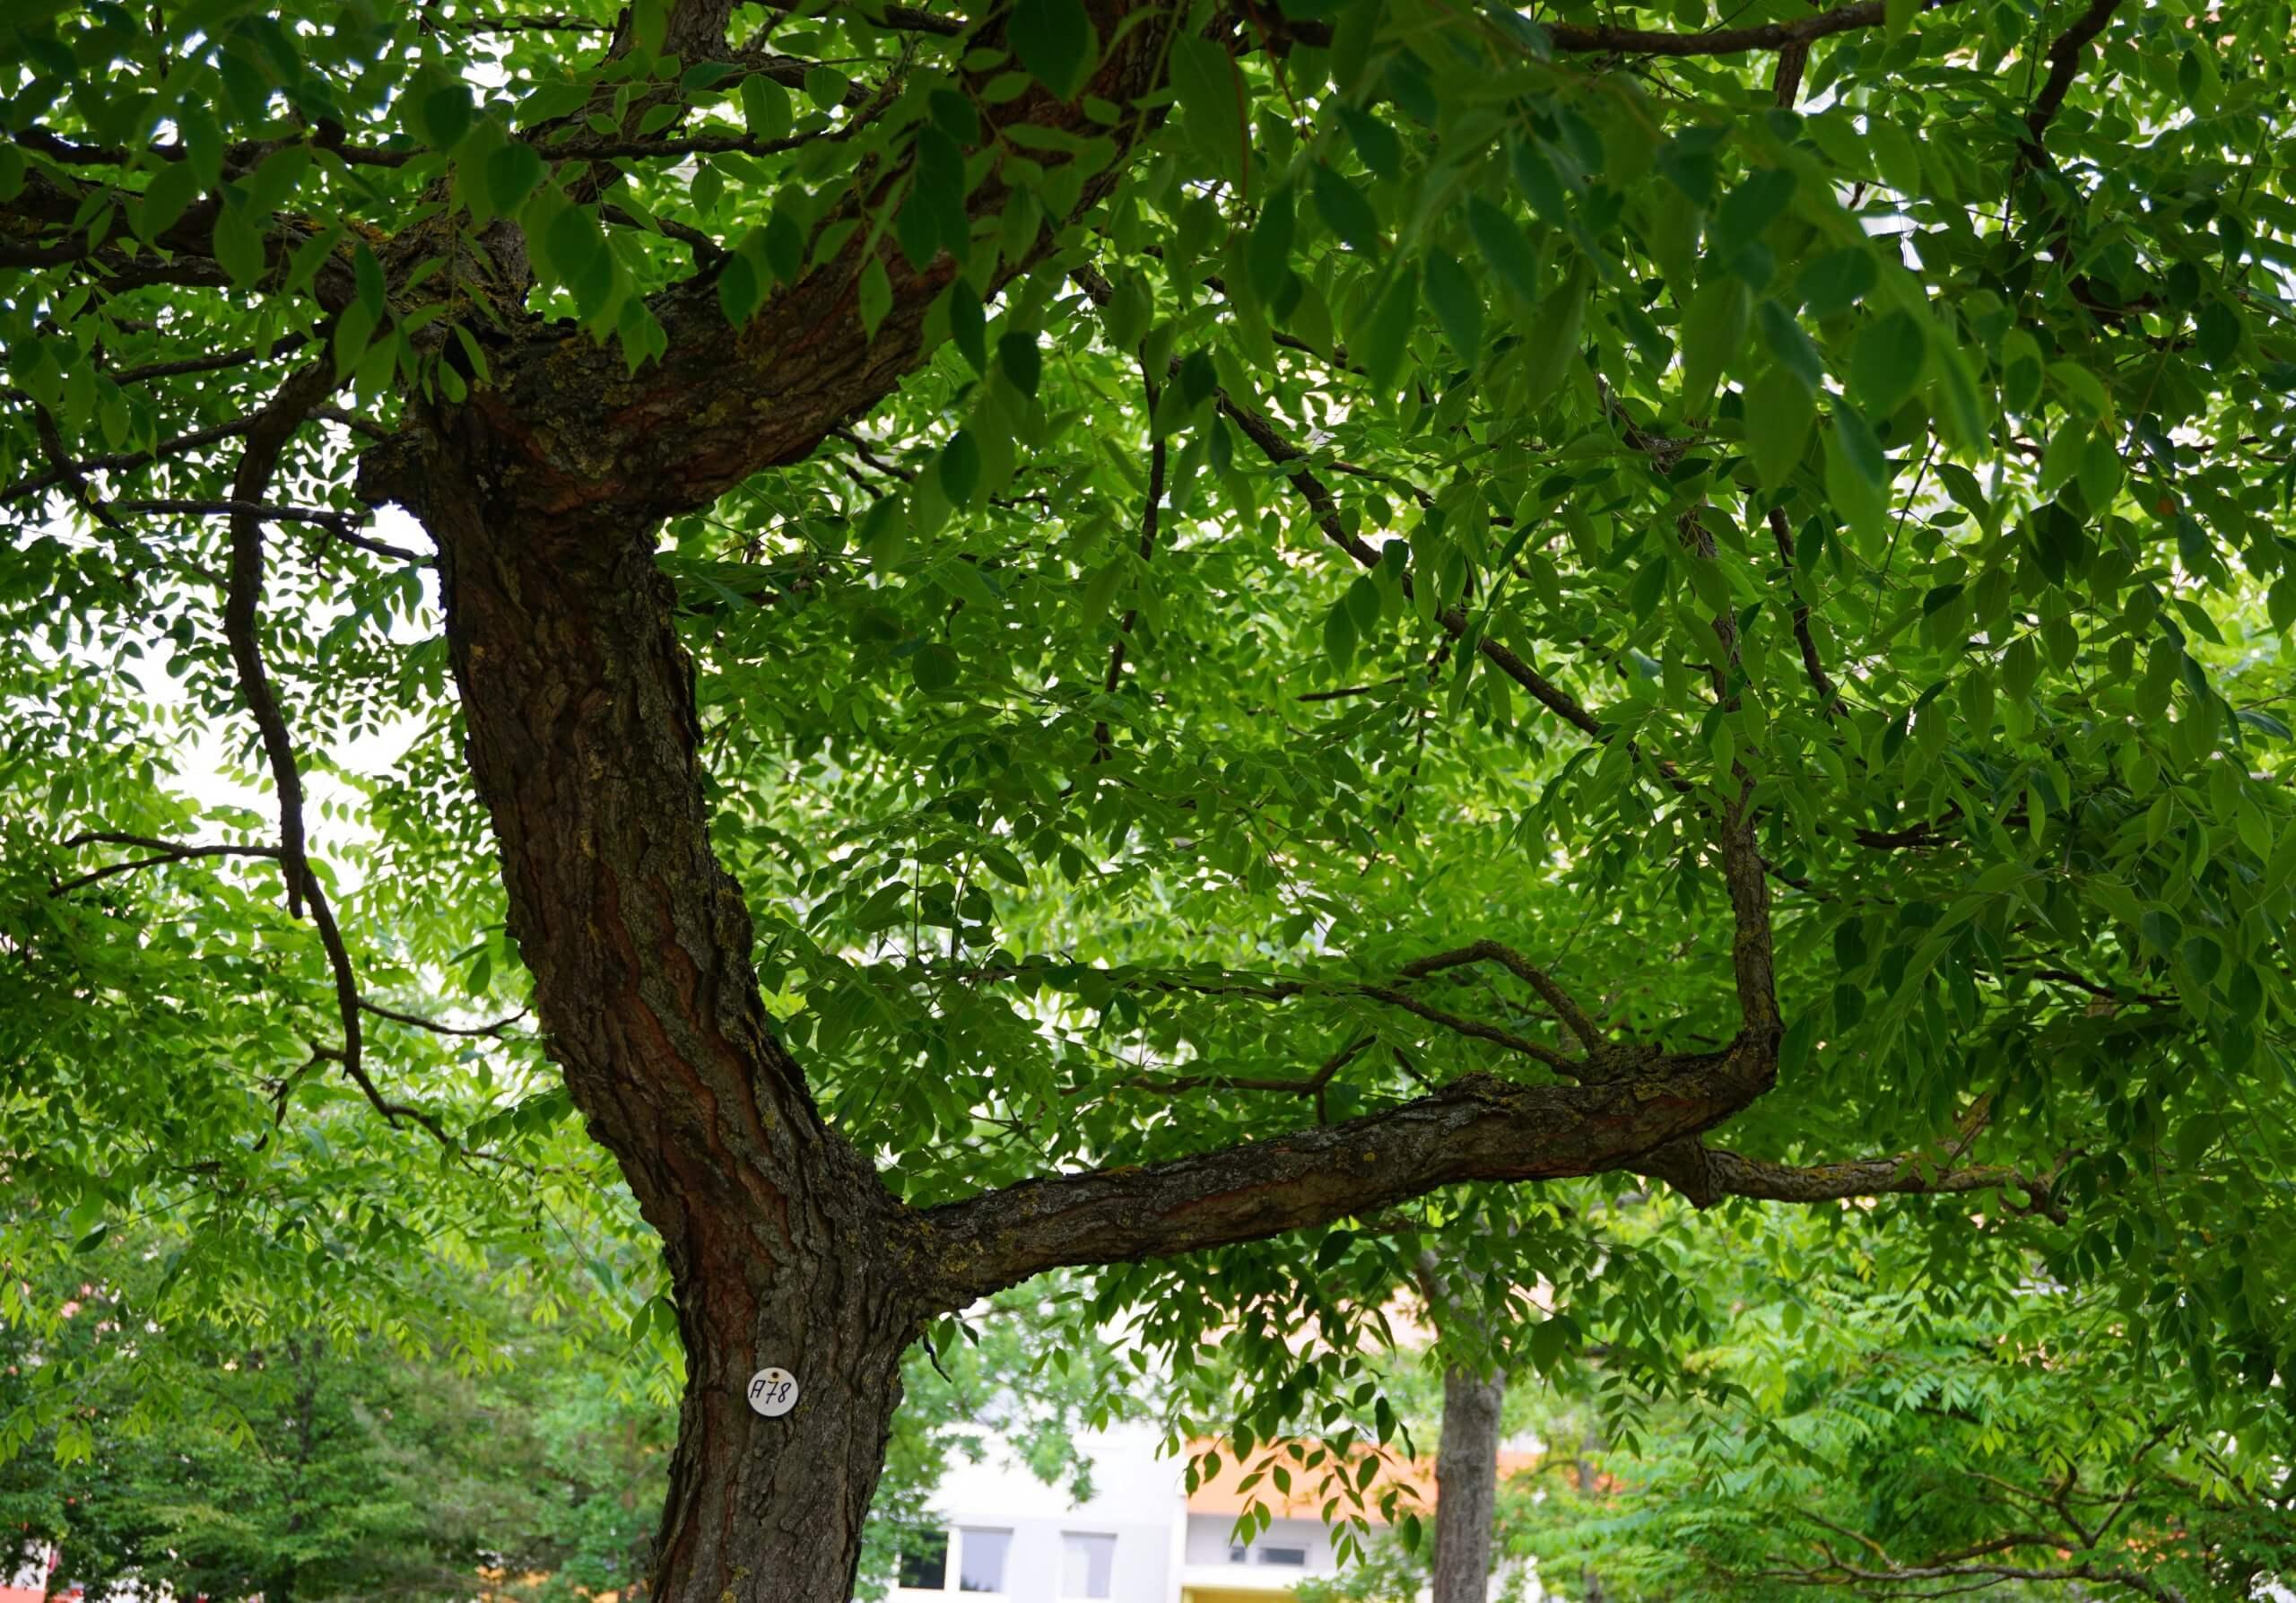 Das Bild zeigt das Astwerk eines Kentucky-Geweihbaumes an der Schönefelder Chaussee im Kosmosviertel. Es erinnert an die Formen von Hirsch-Geweihen.